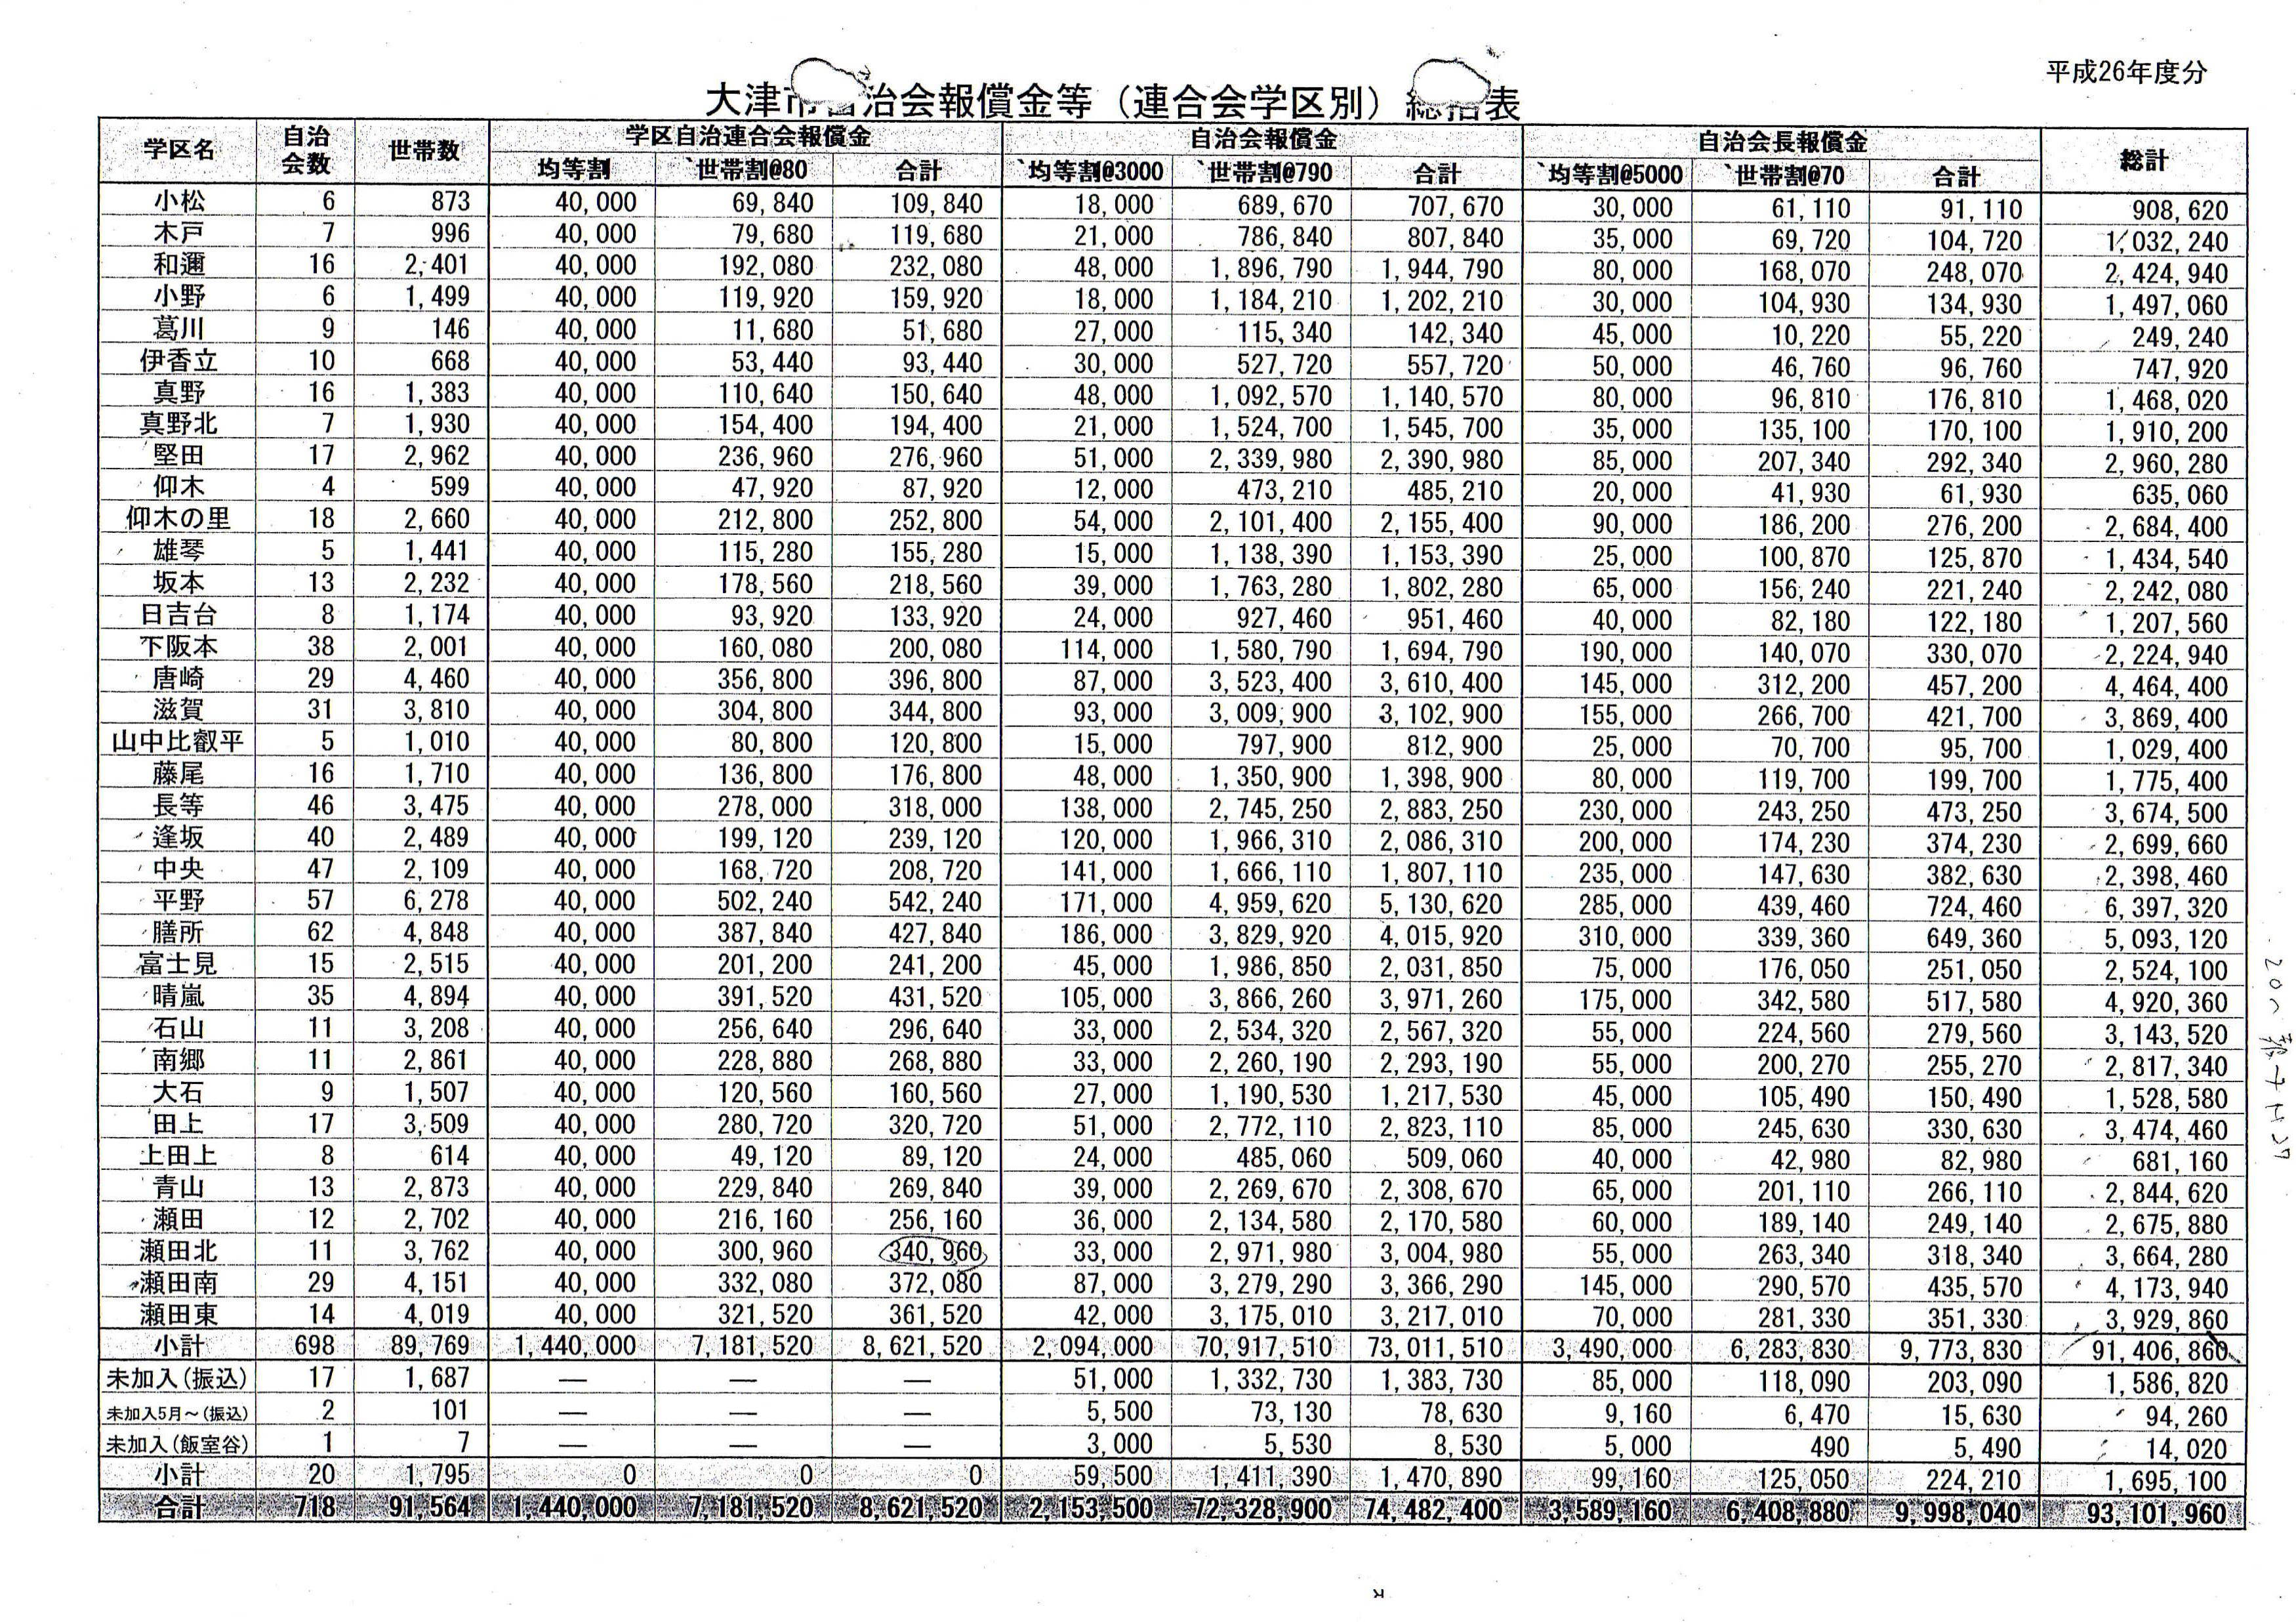 平成26年度大津市自治会報償金等(連合会学区別)_01